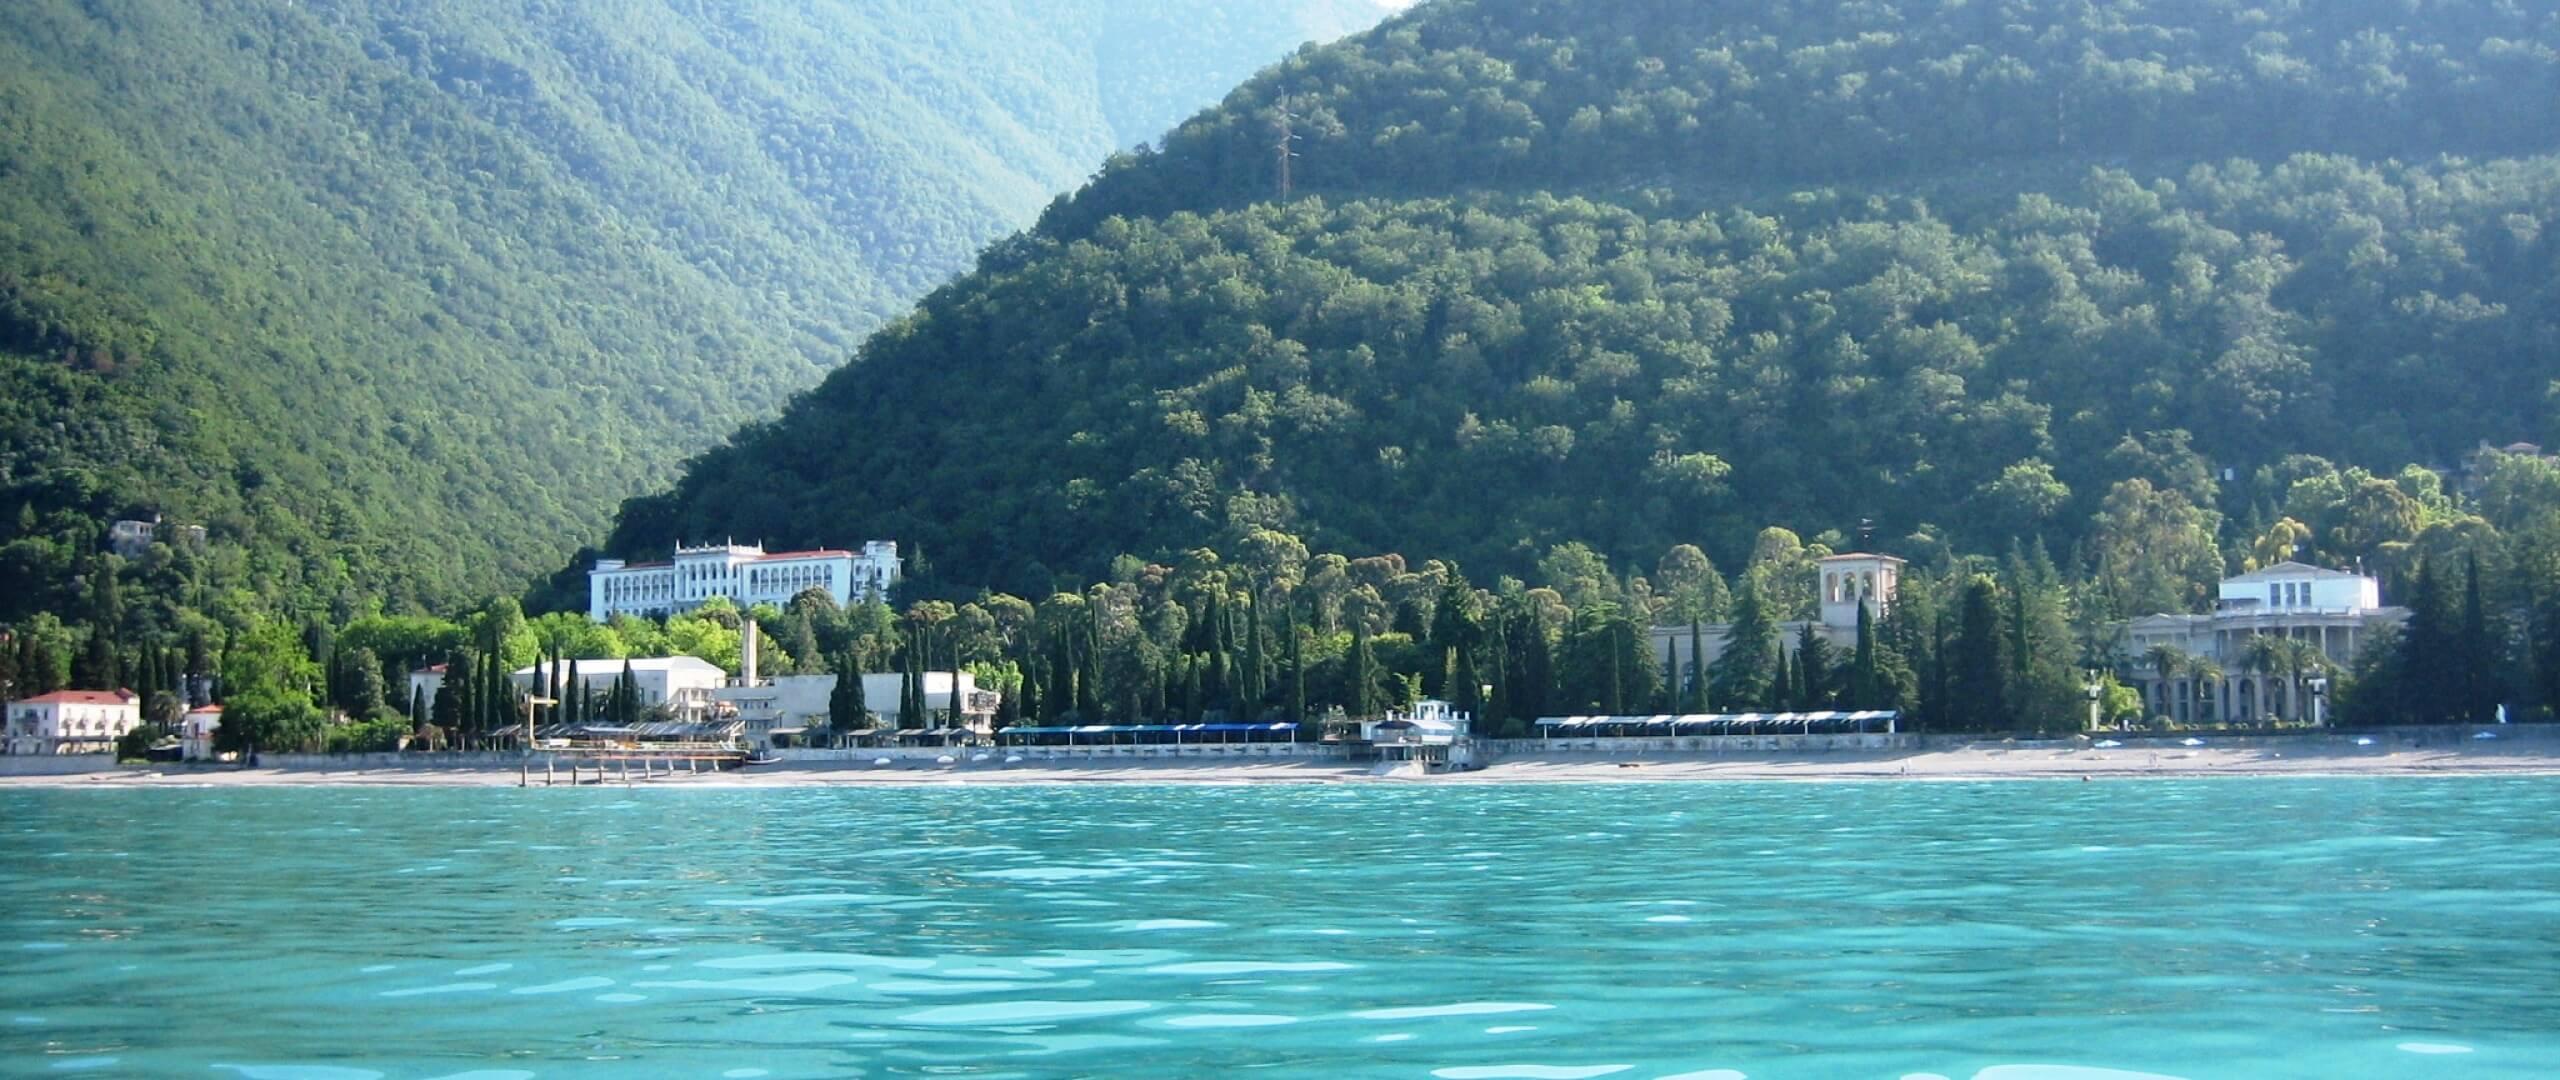 Субтропическая Абхазия: отпуск на Черноморском побережье Кавказа